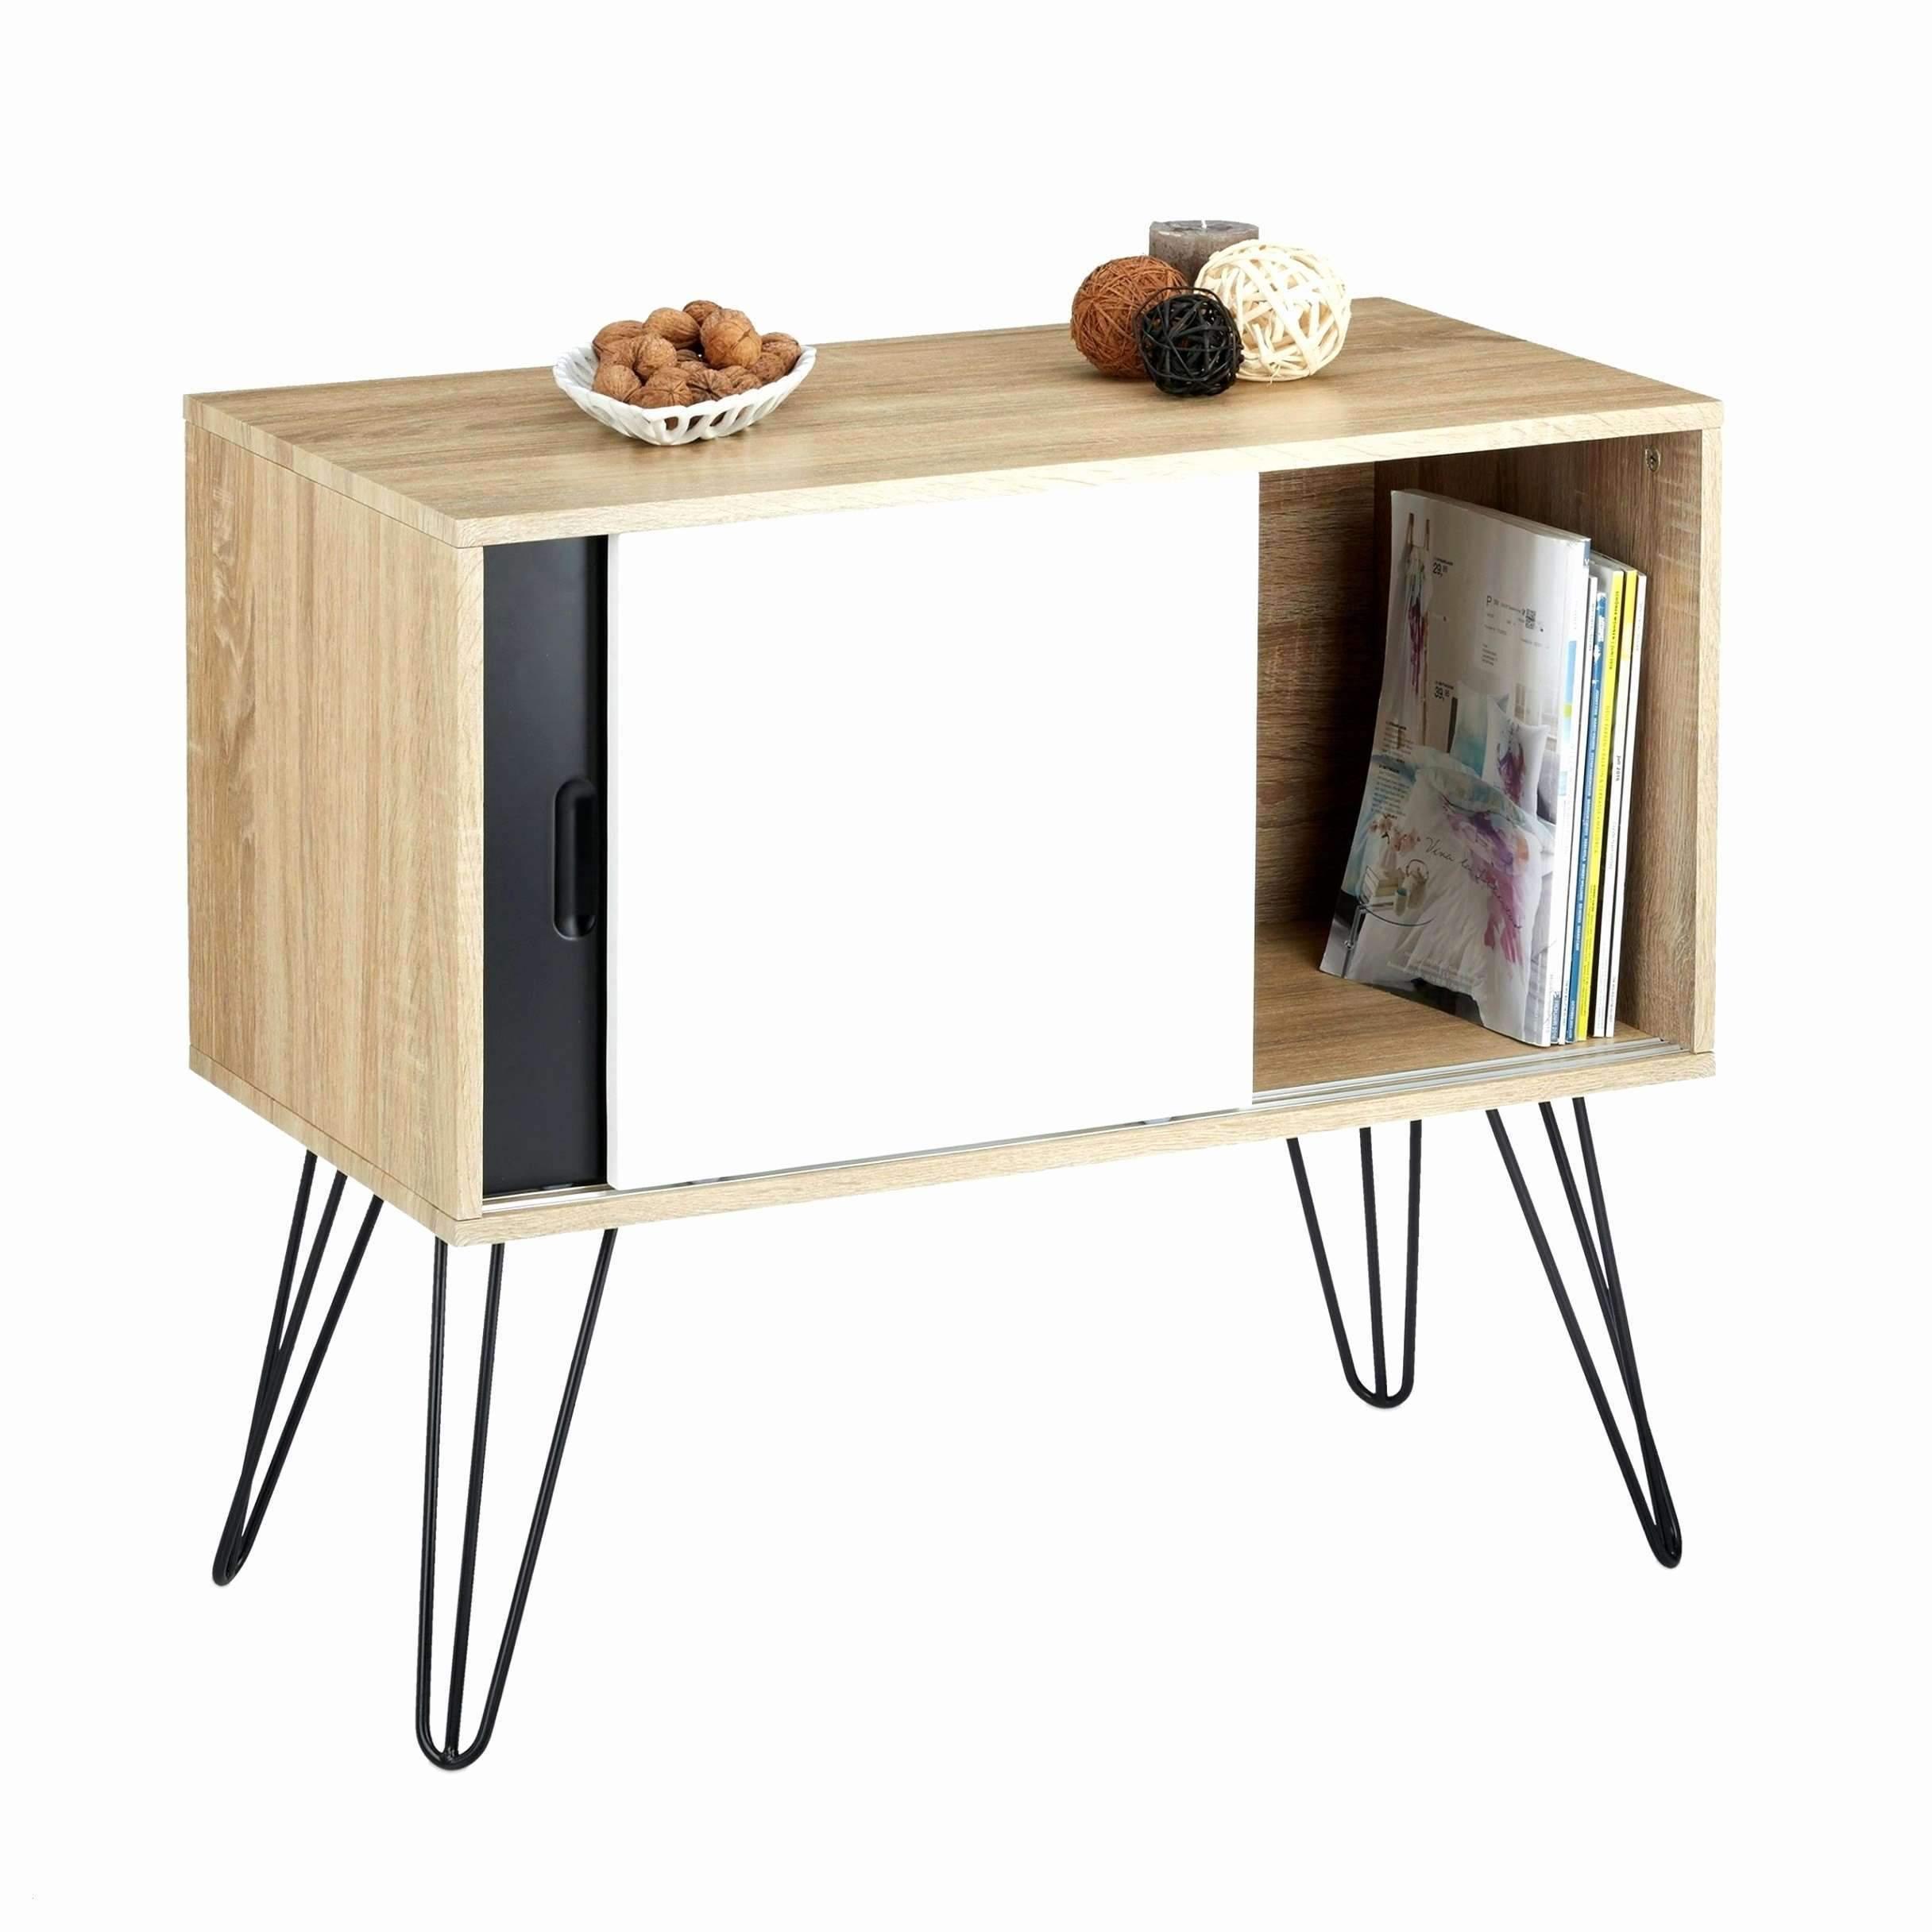 deko sideboard wohnzimmer neu kommode wohnzimmer frisch garten sideboard inspirierend of deko sideboard wohnzimmer